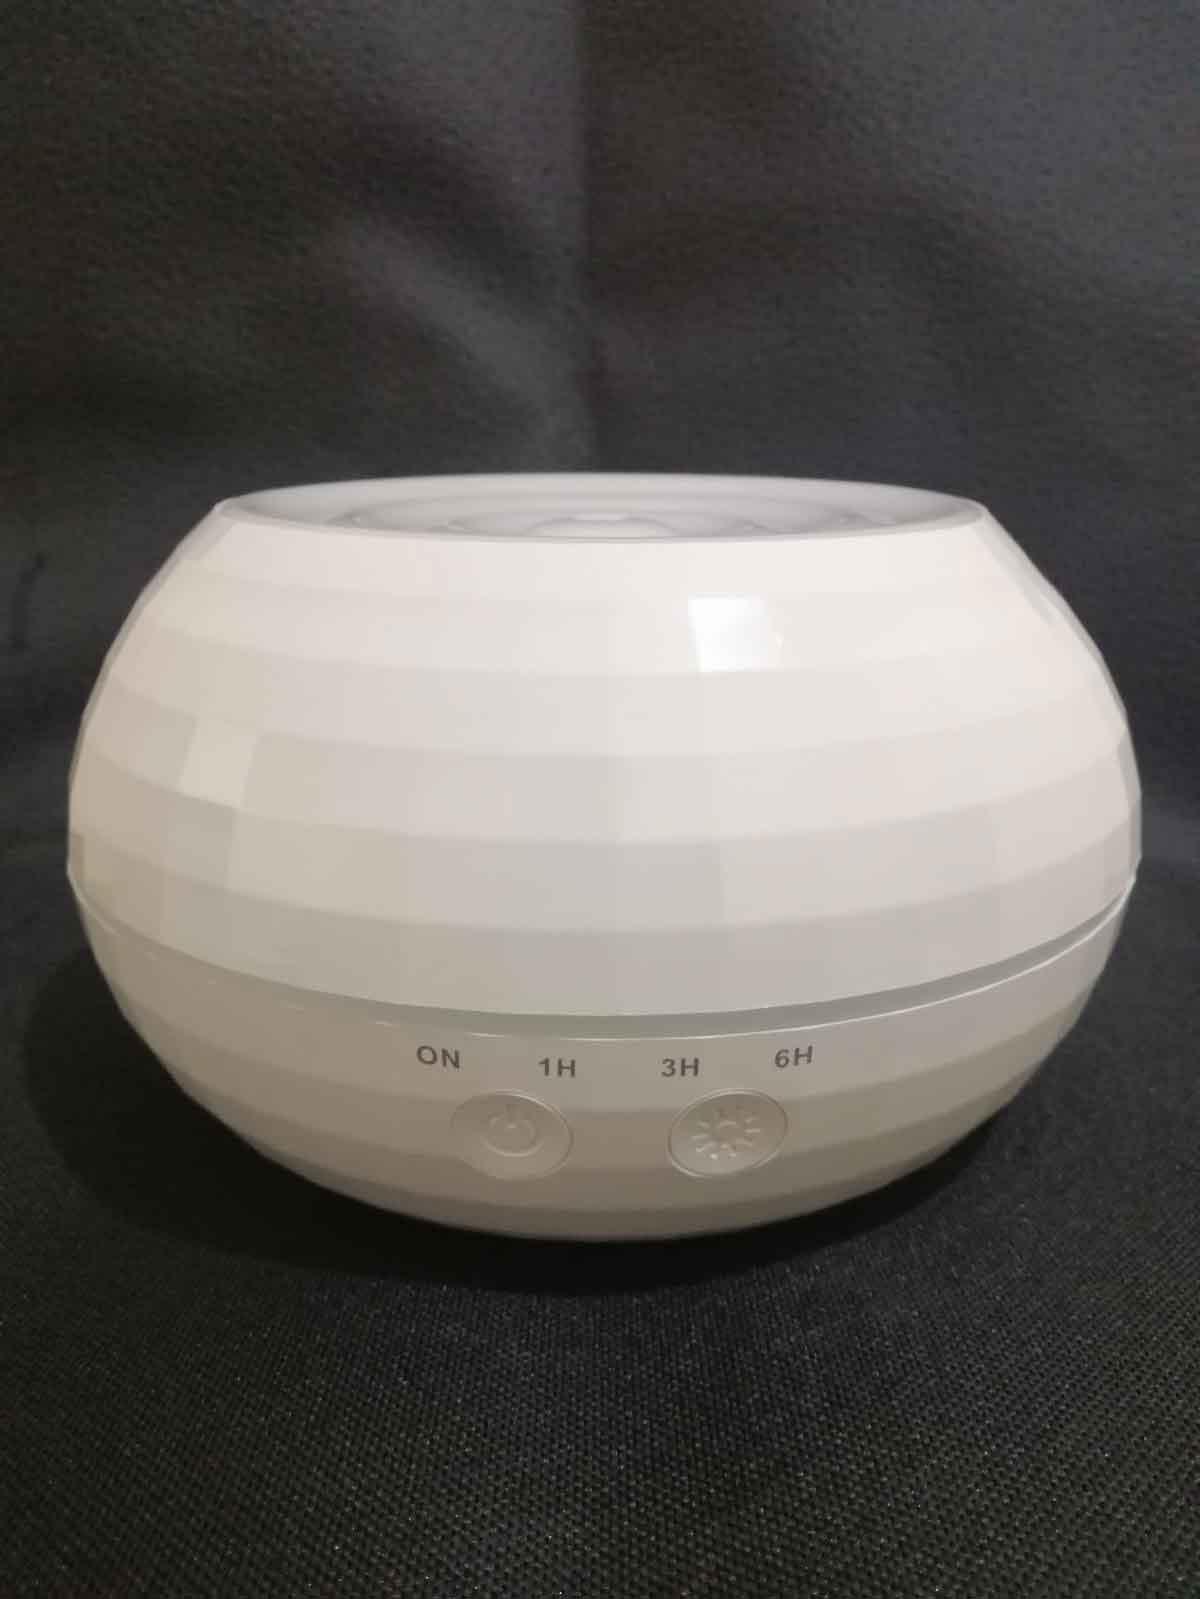 L-310 Ultrasonic Aroma Diffuser